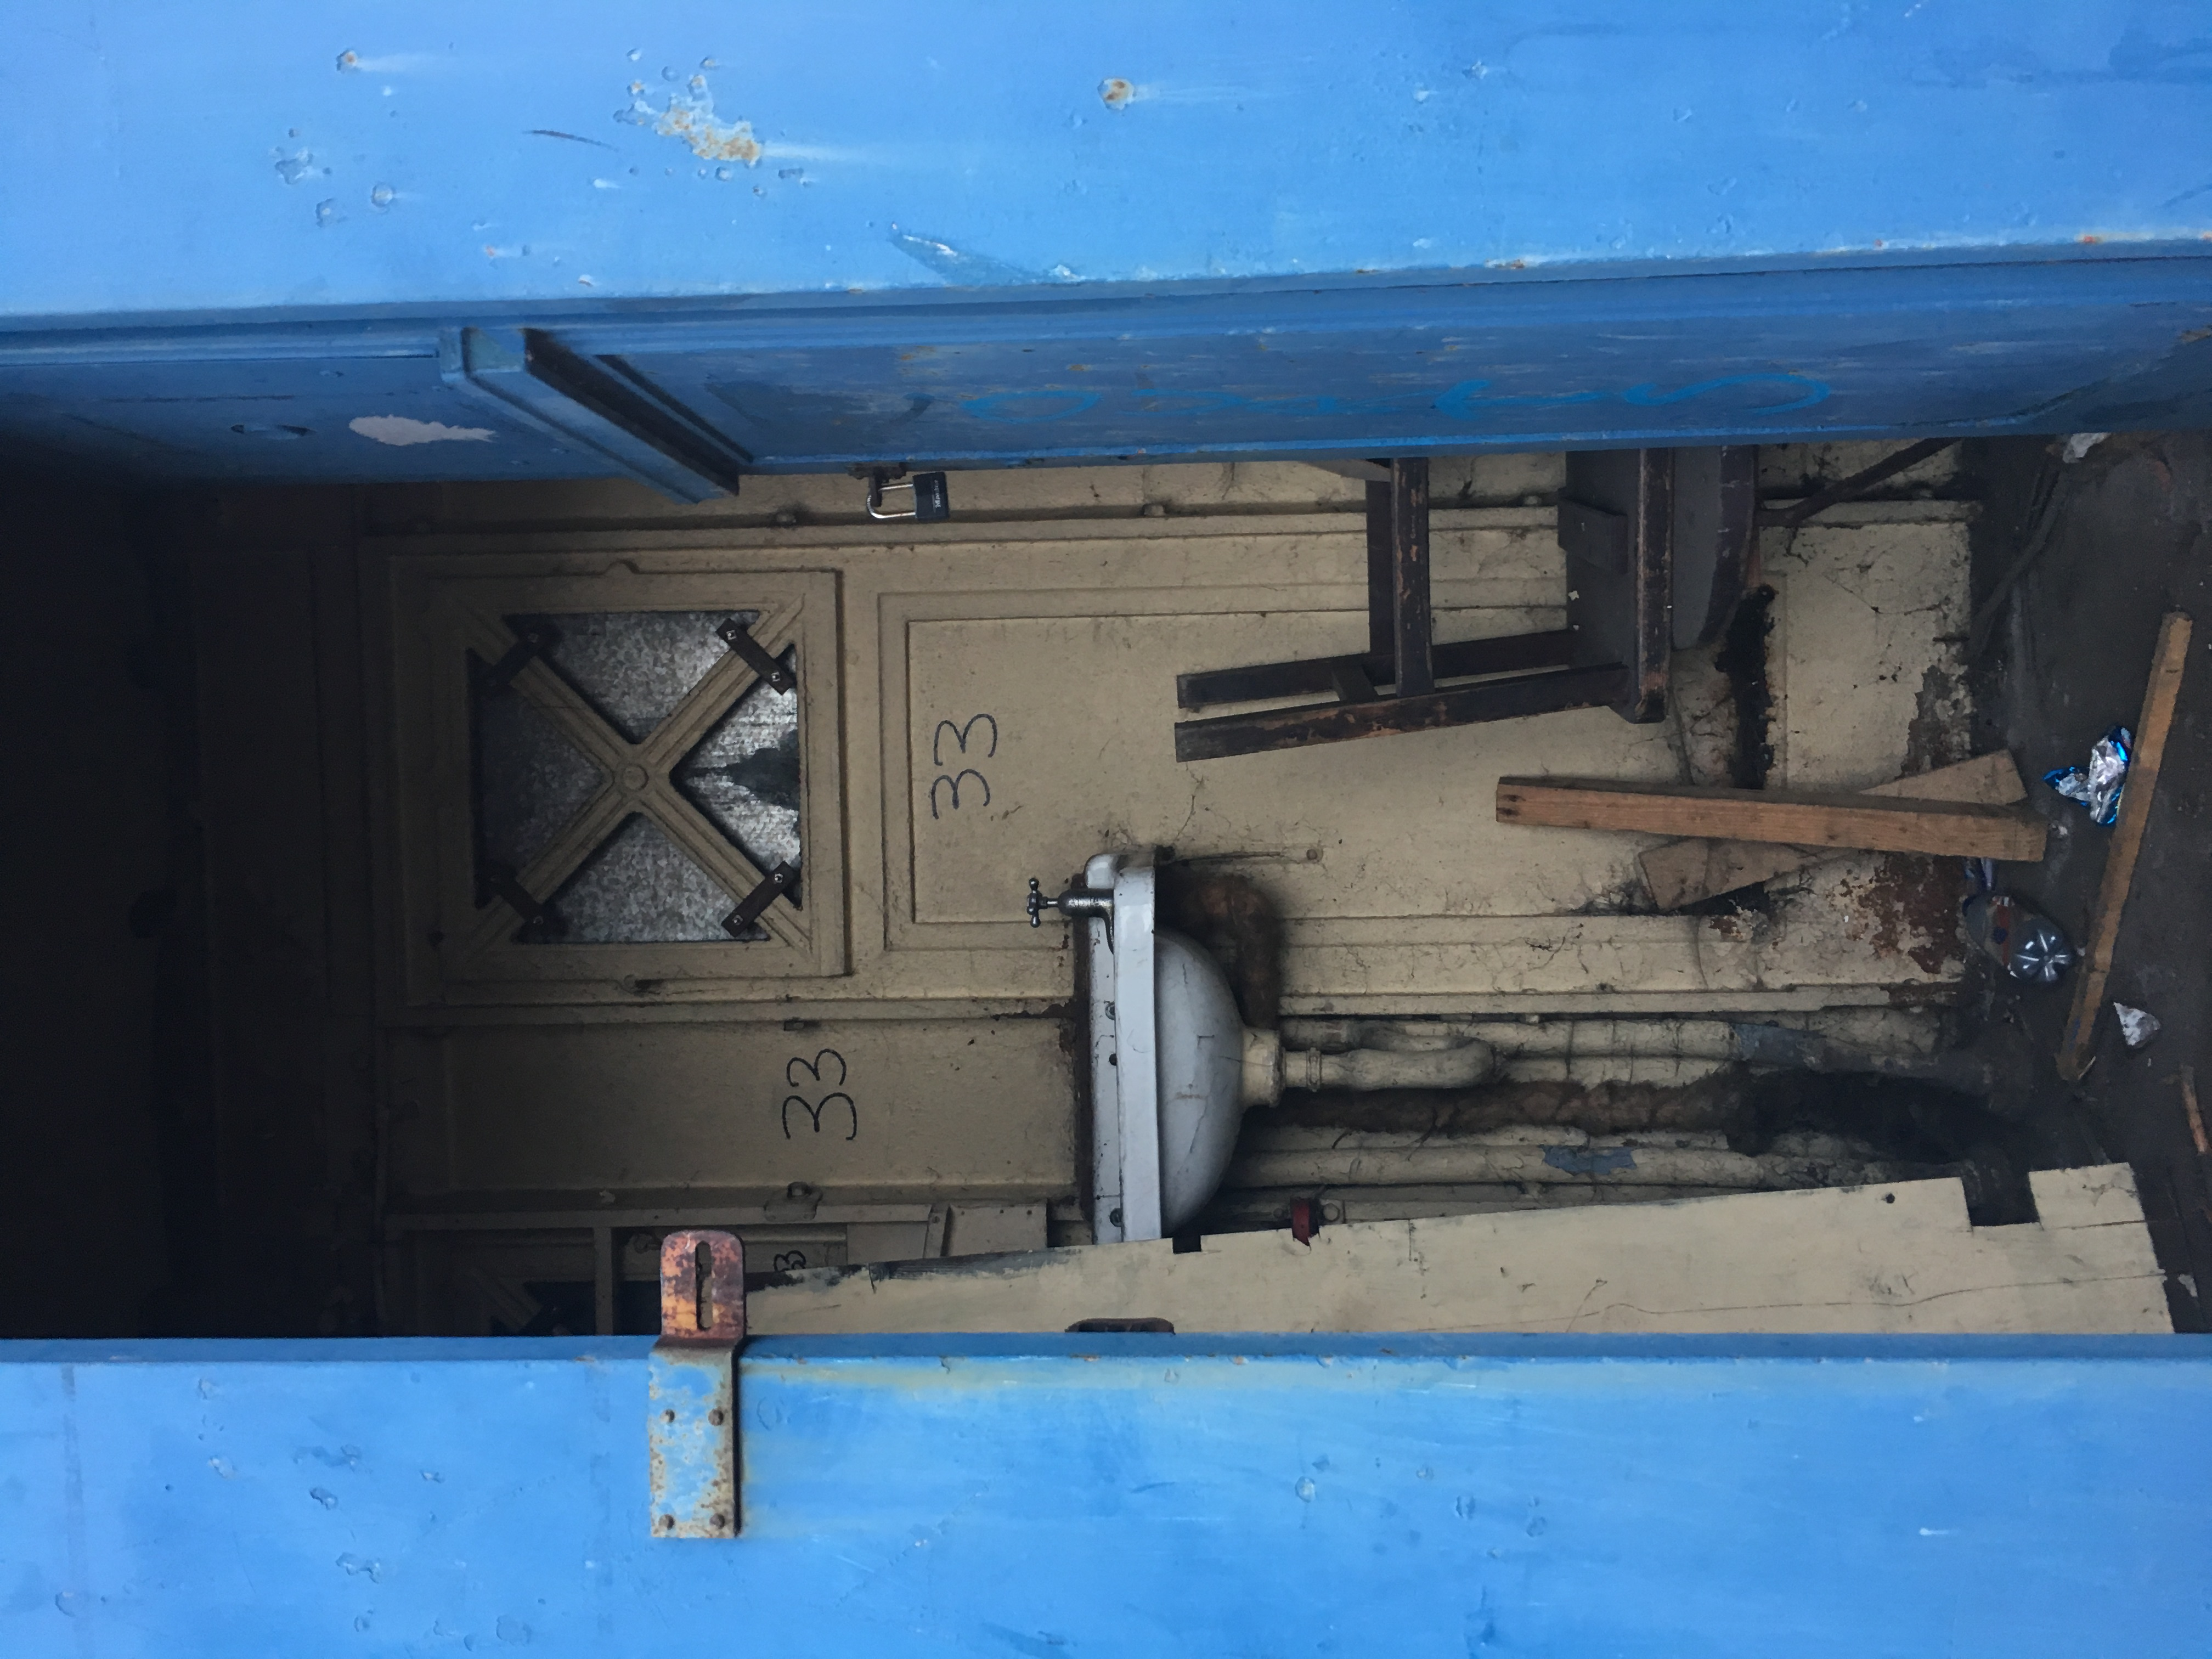 Looking in the opened door